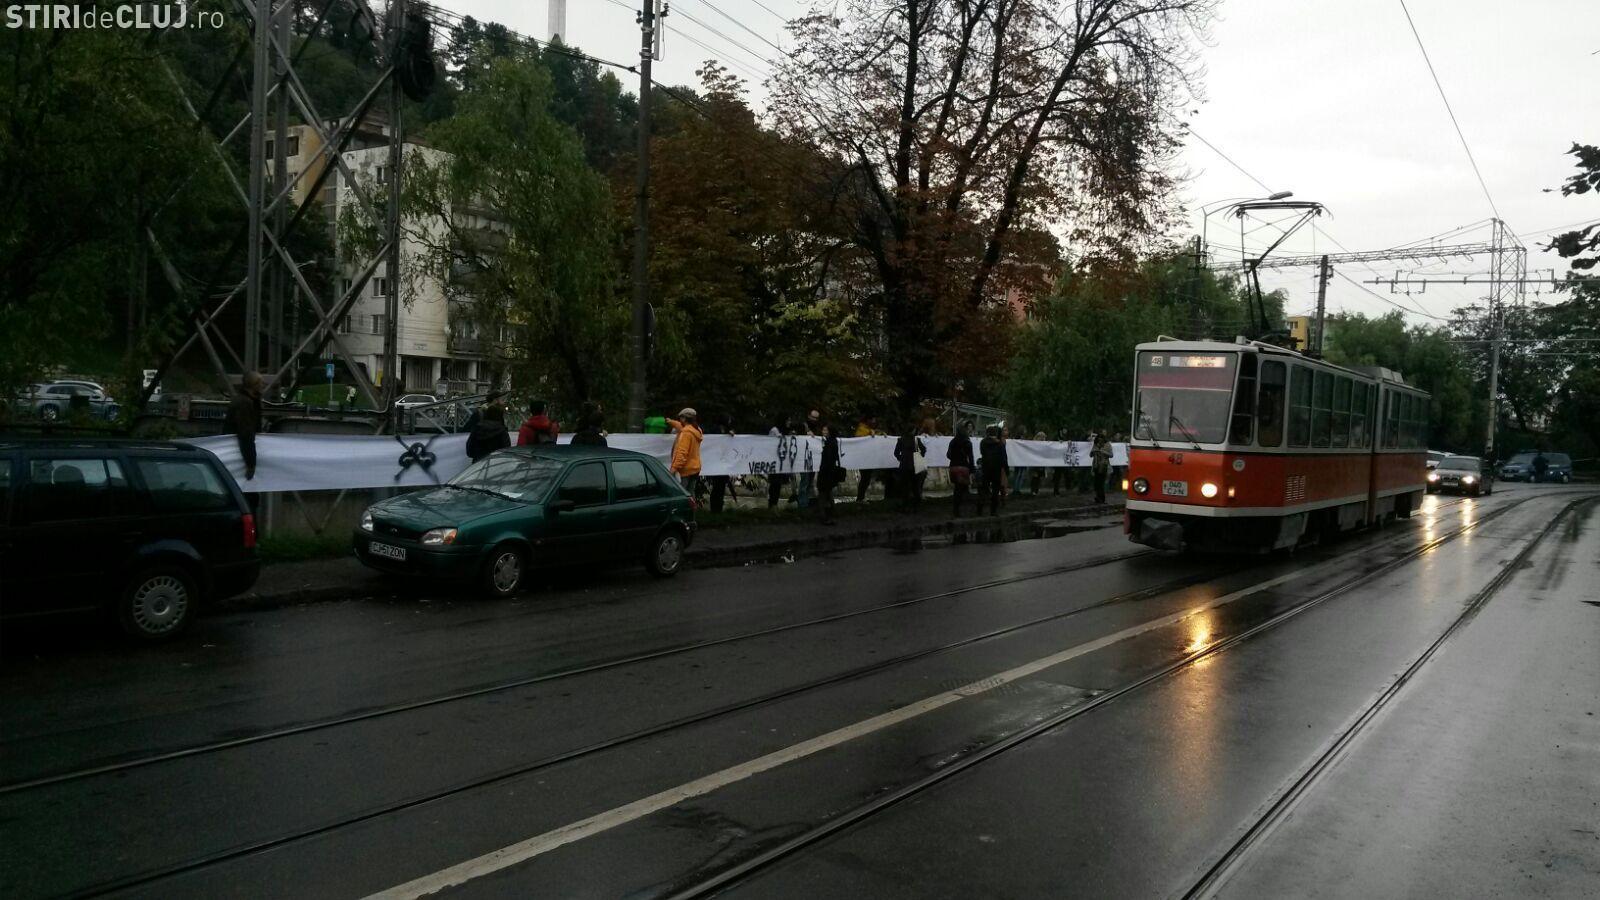 Dezbatere publică pe tema betonării malului Someșului, pentru a extinde o stradă din Cluj-Napoca